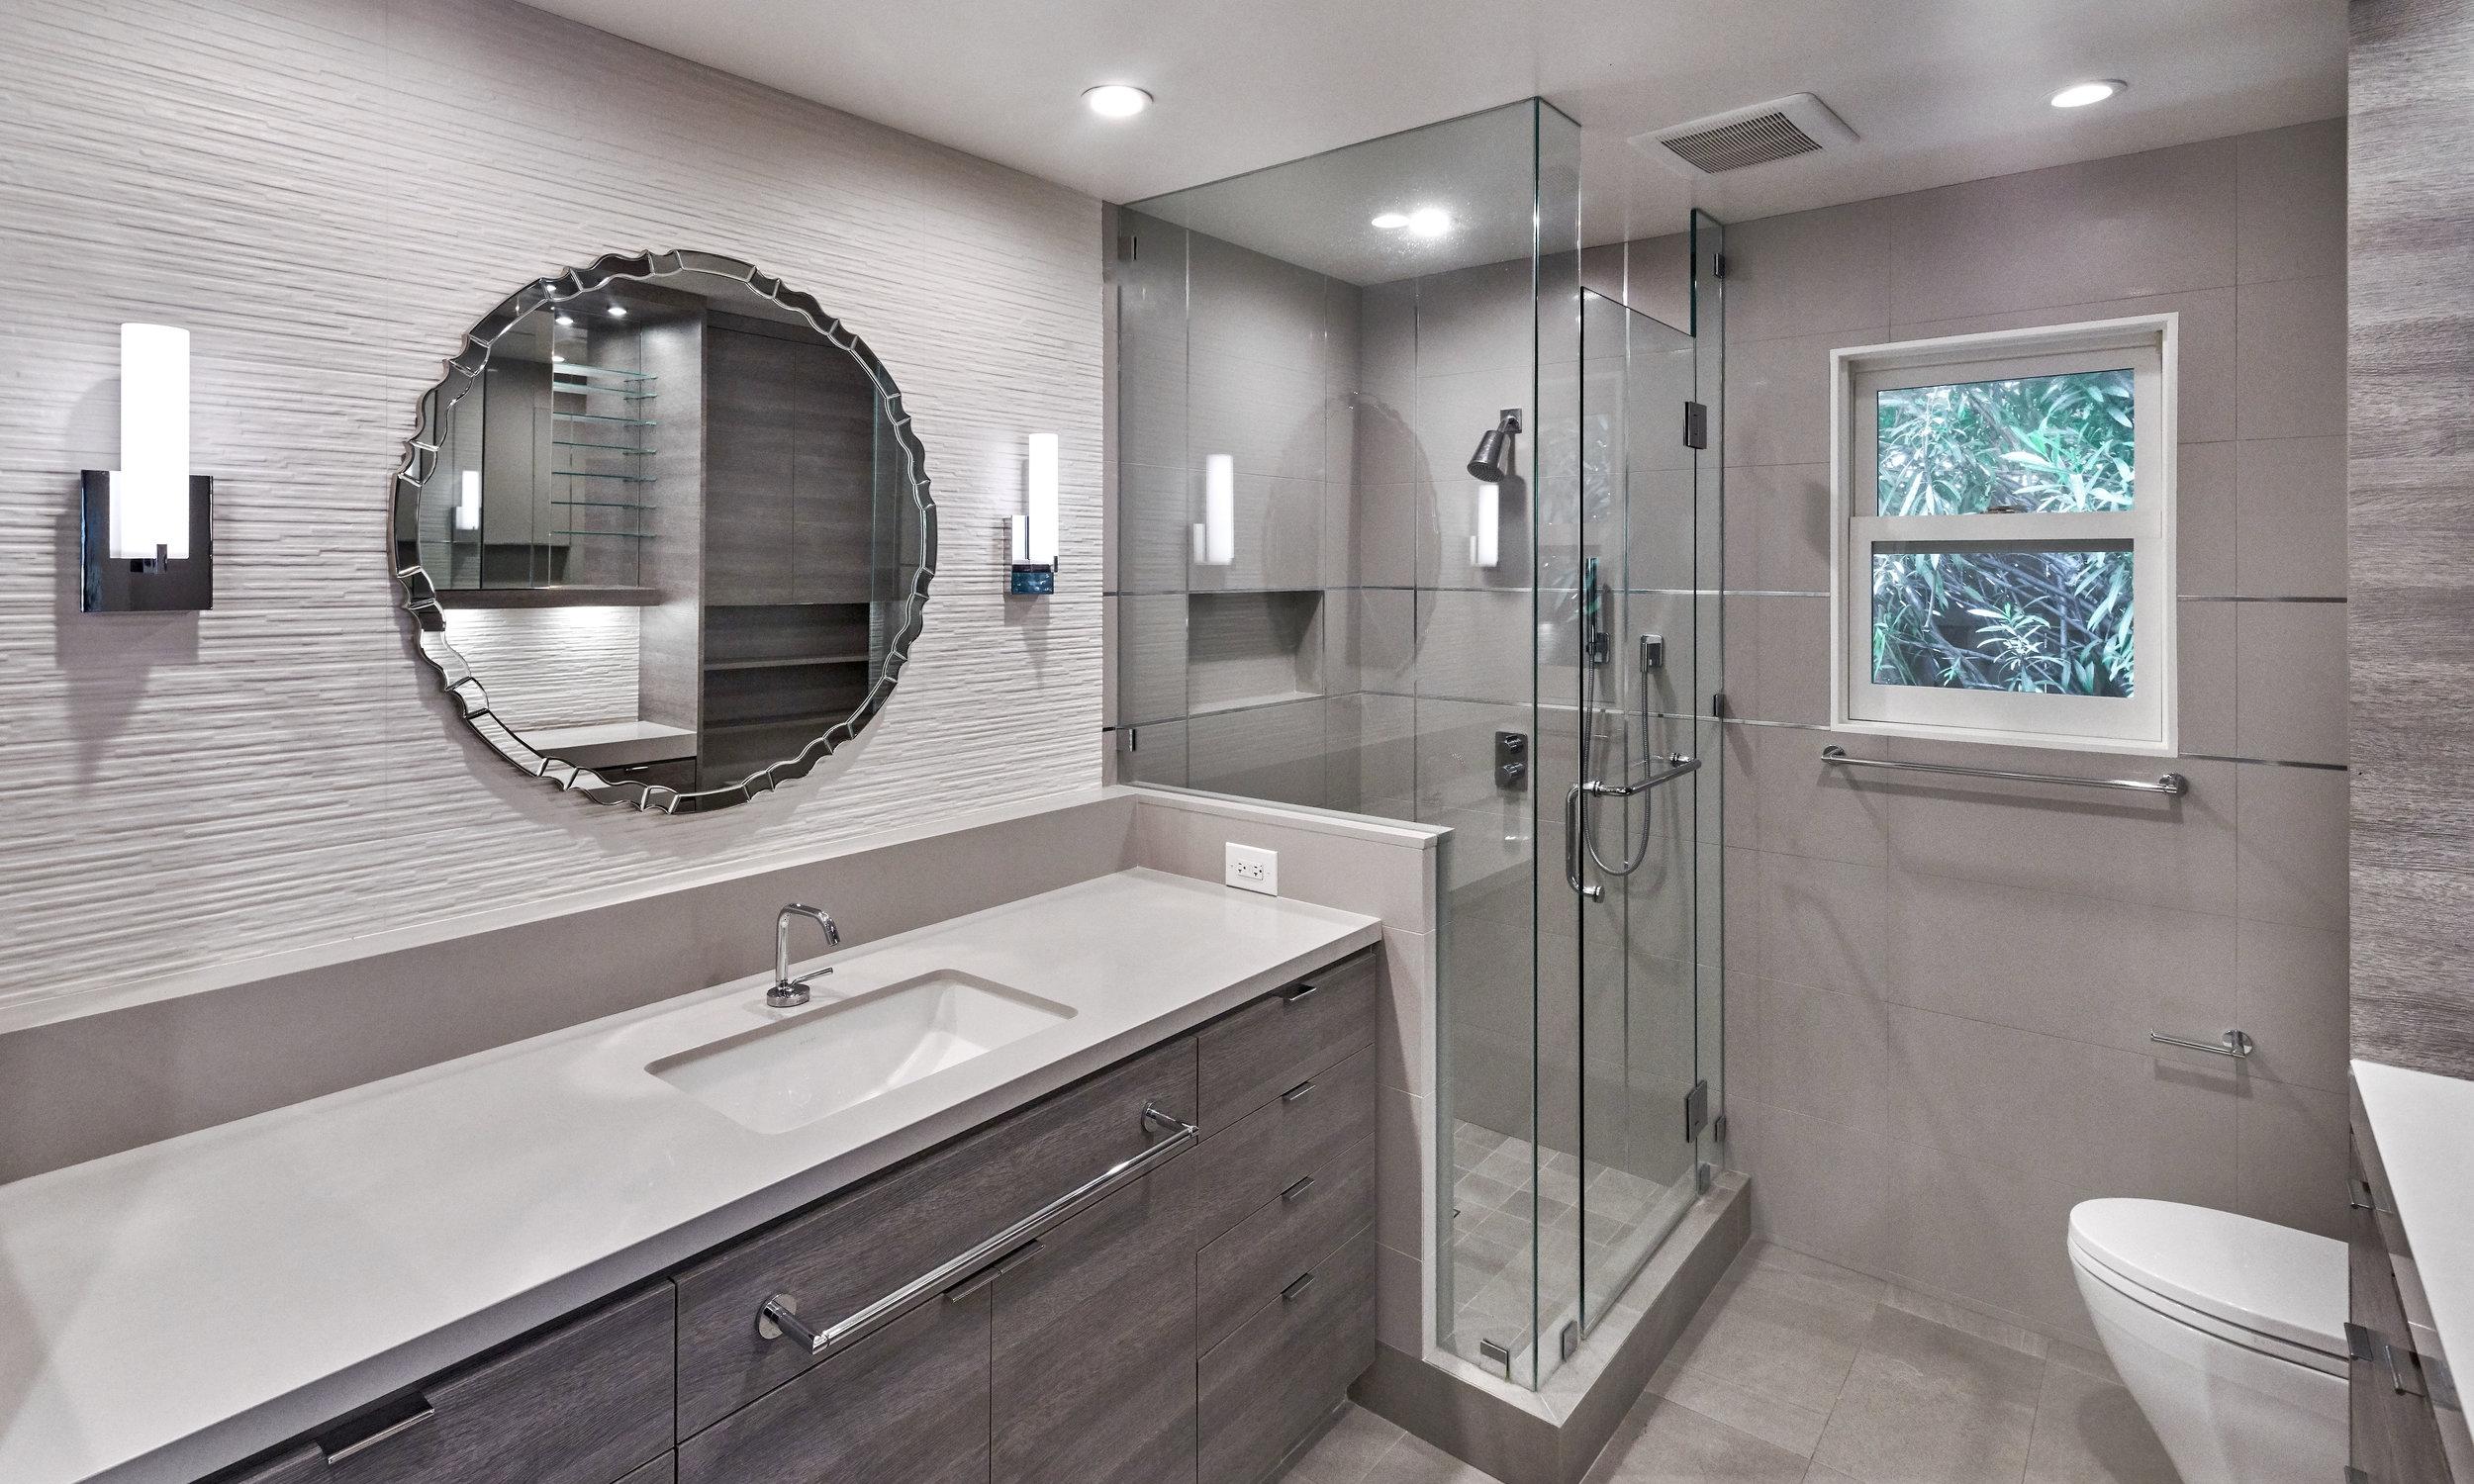 Los Altos Bathroom Remodel